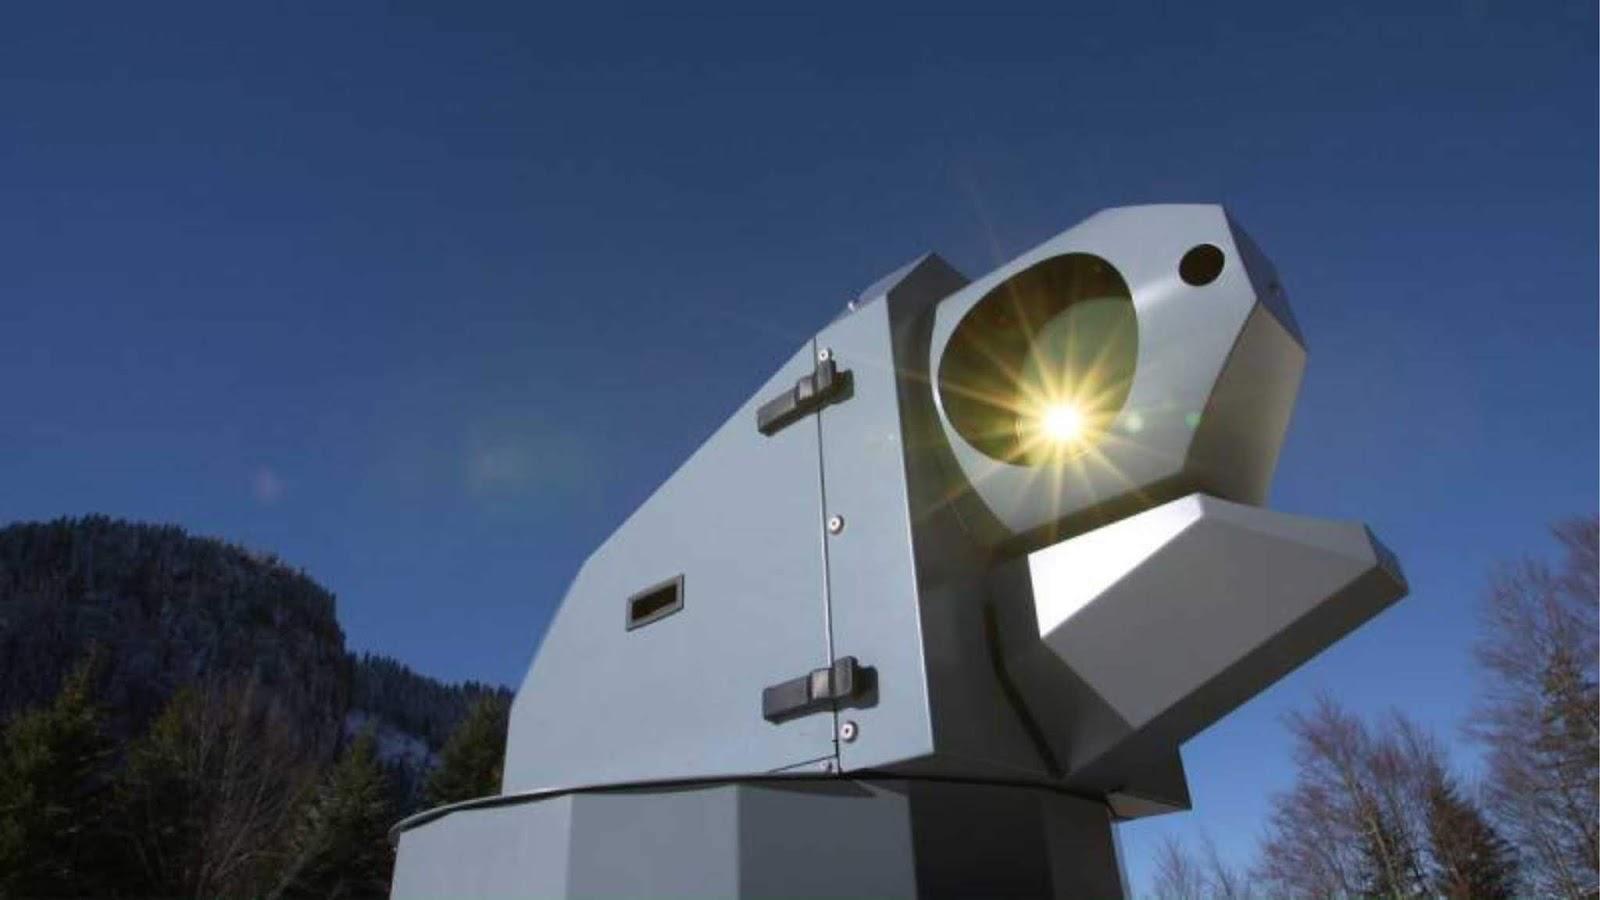 Jerman Rheinmetall menyelesaikan tes modul senjata untuk laser tempur